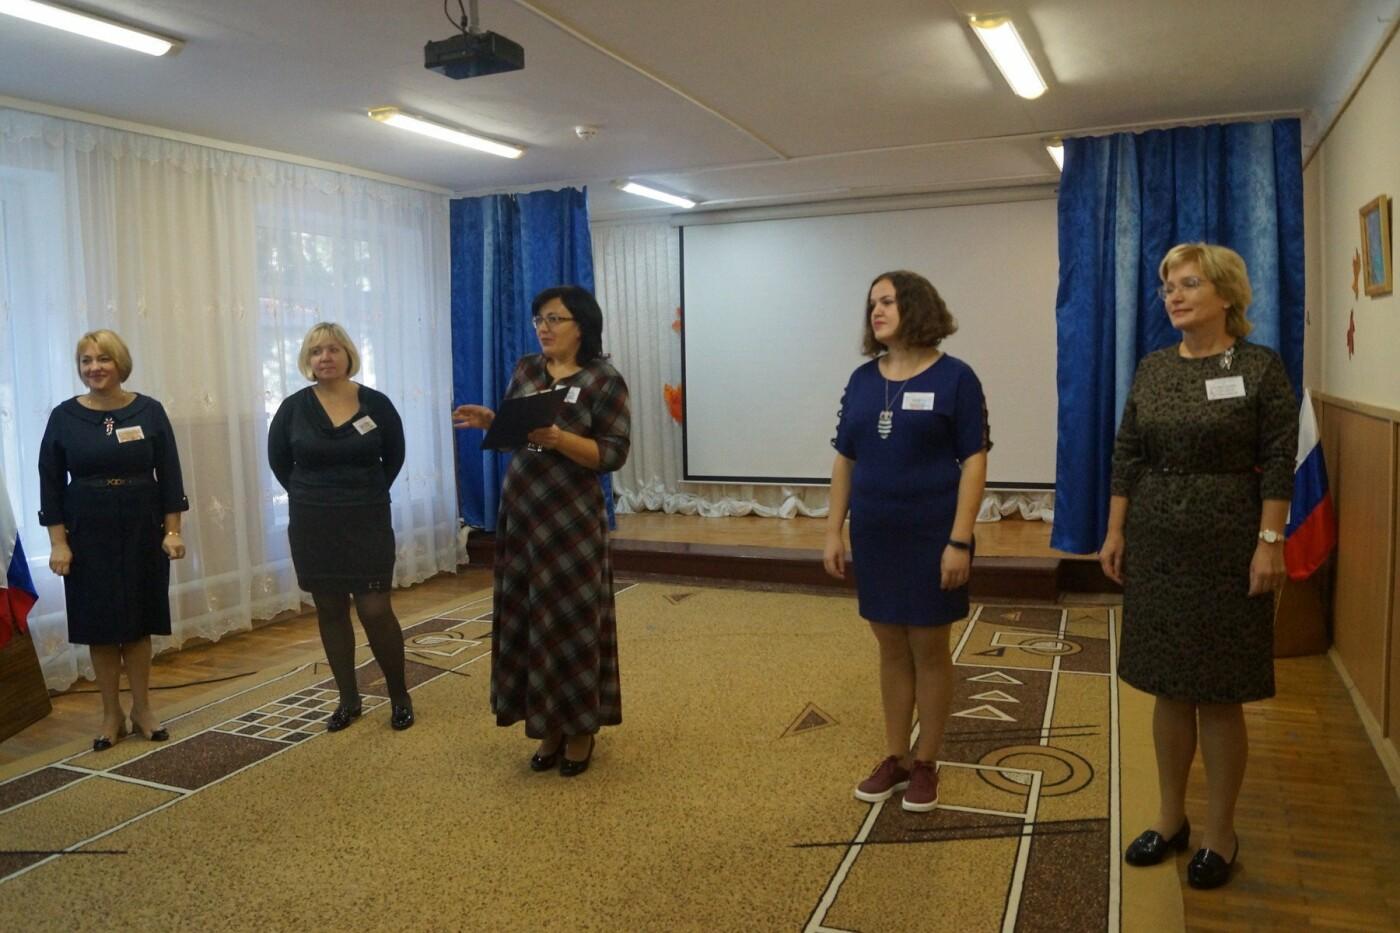 В Ялтинской школе прошел семинар по организации инклюзивного обучения, фото-1